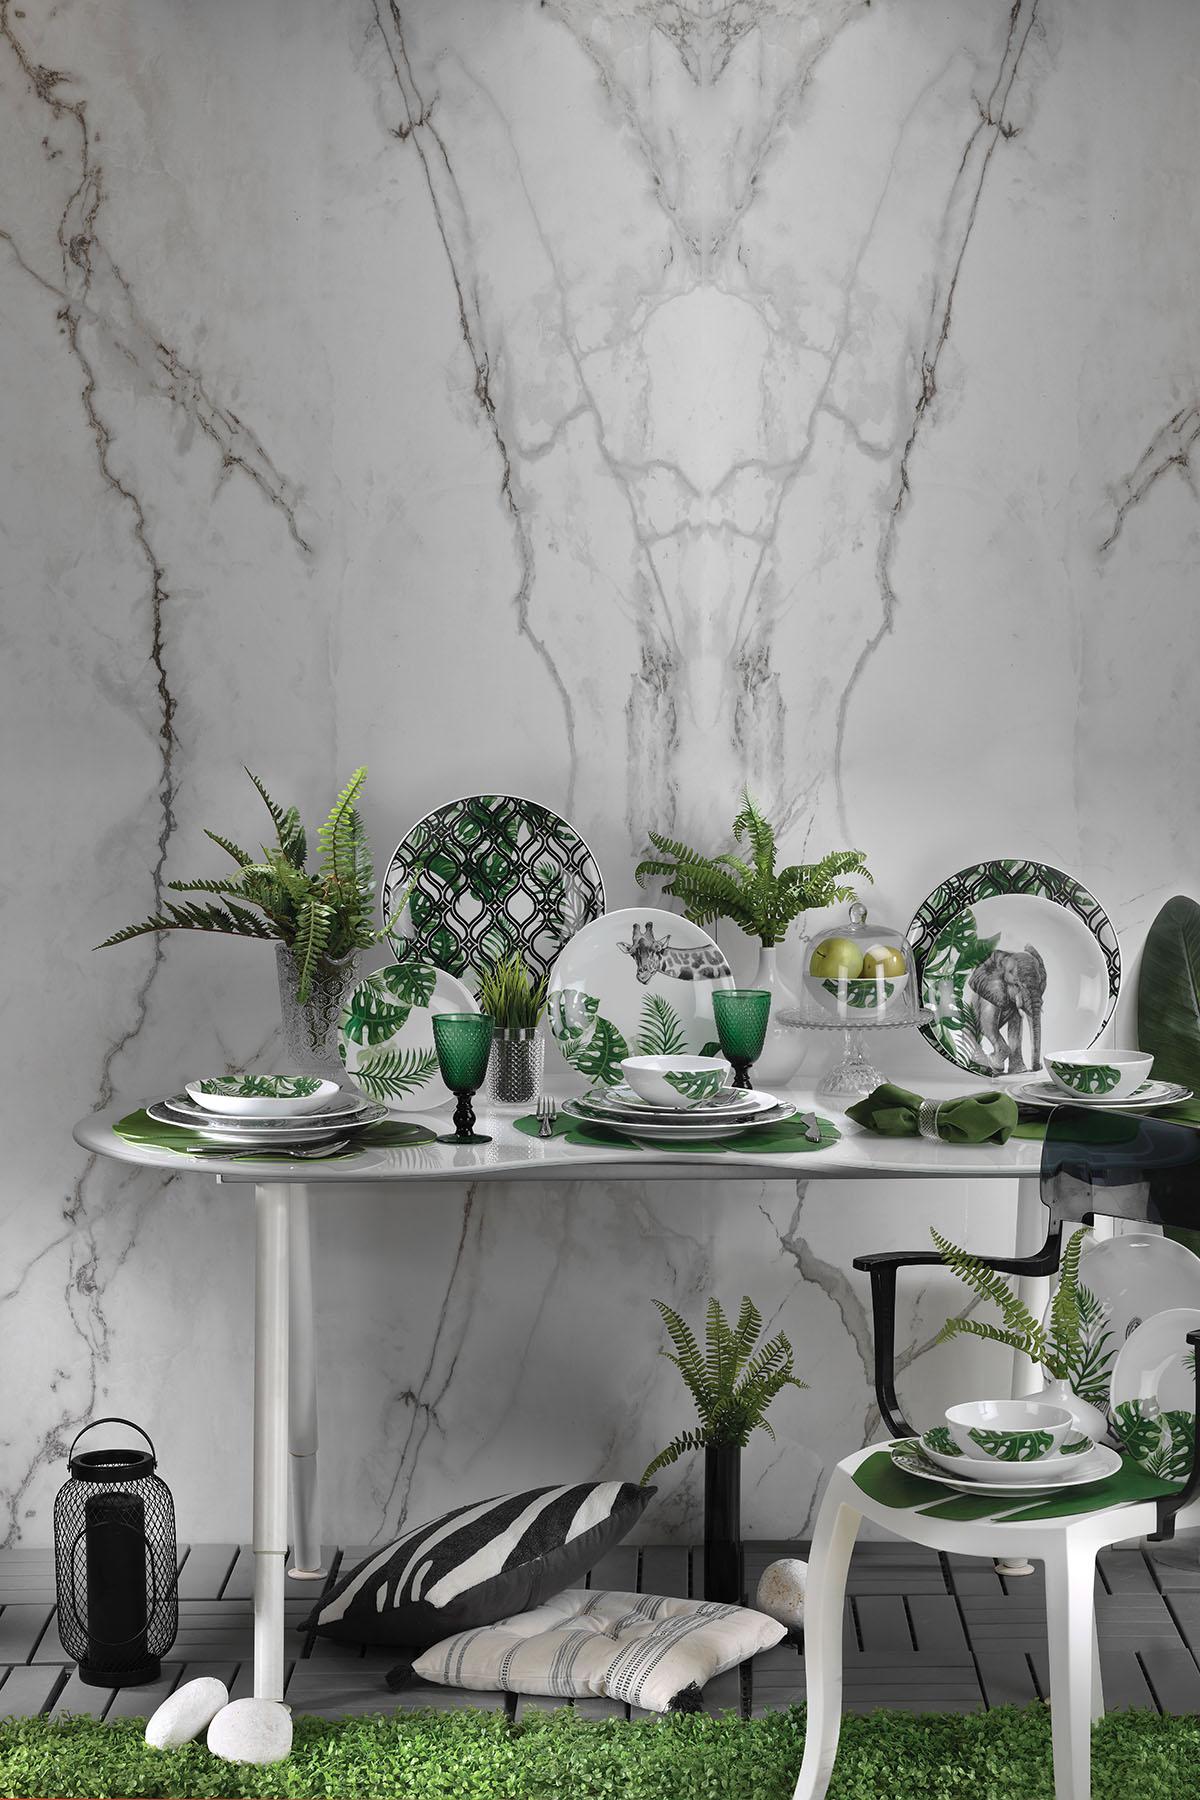 Kütahya Porselen Doğadakiler 27 cm Servis Tabağı Fil